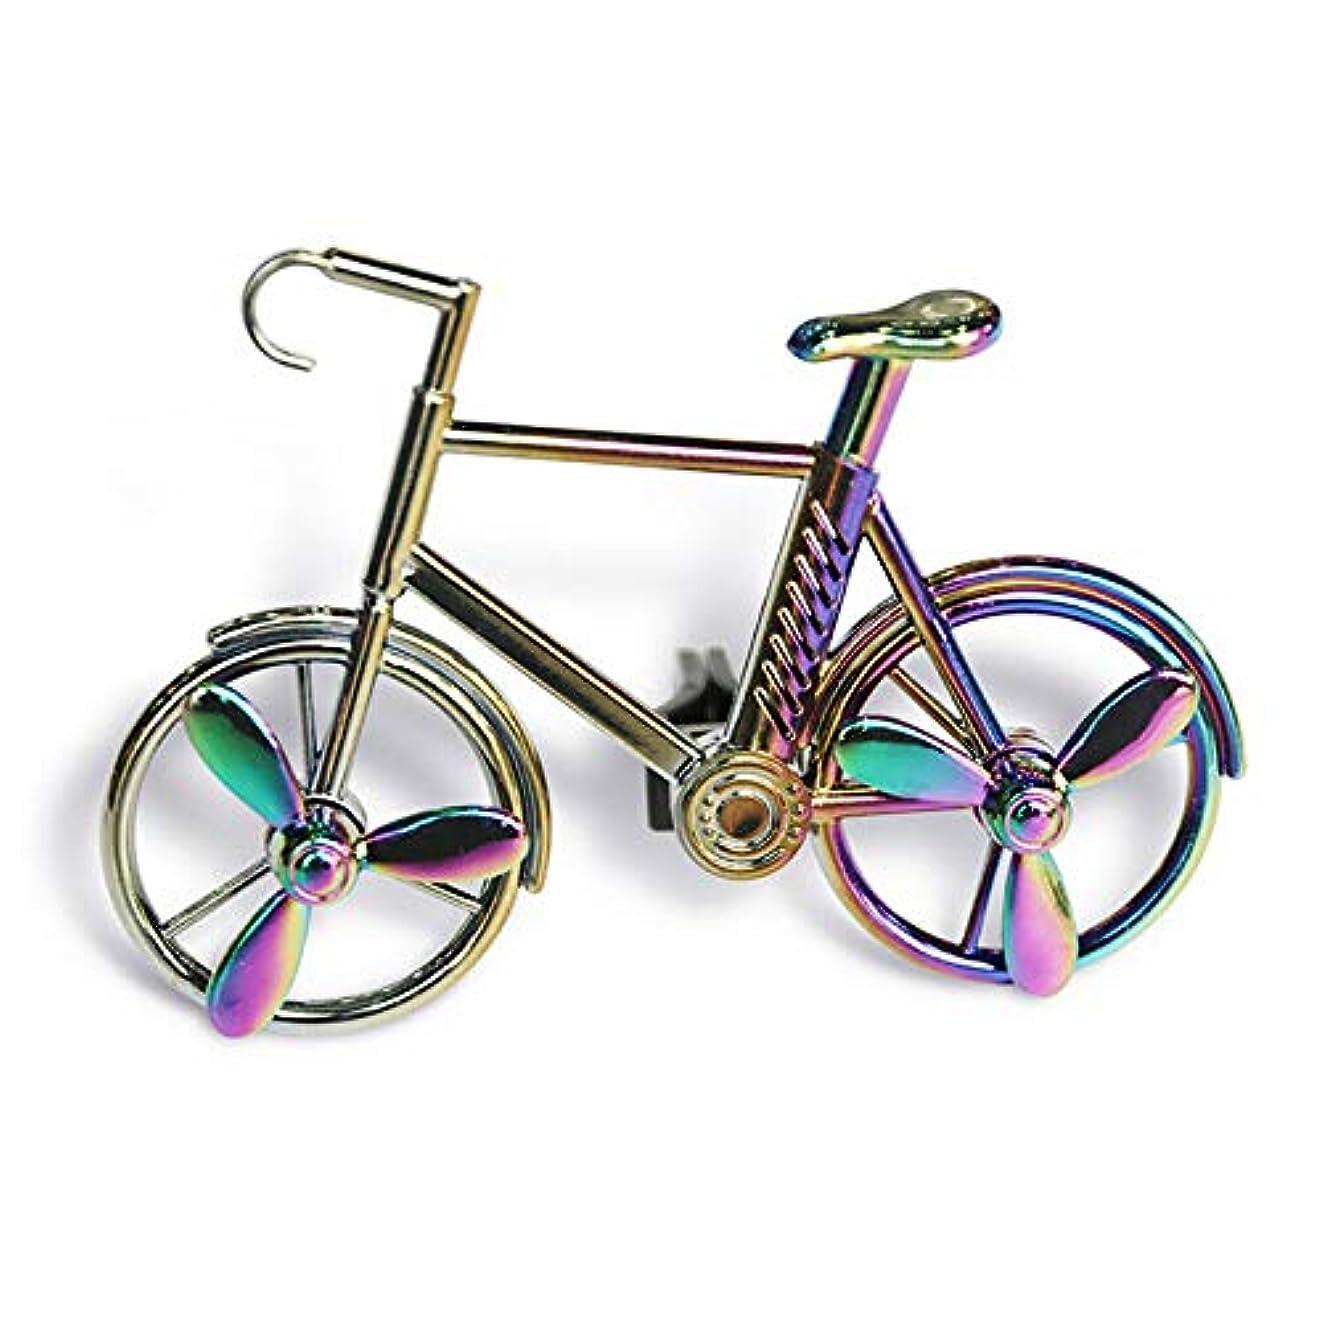 拍手ブーム祖母Symboat 車の芳香剤車の出口のアロマセラピーの自動車付属品の自転車の装飾品の固体芳香車の香水